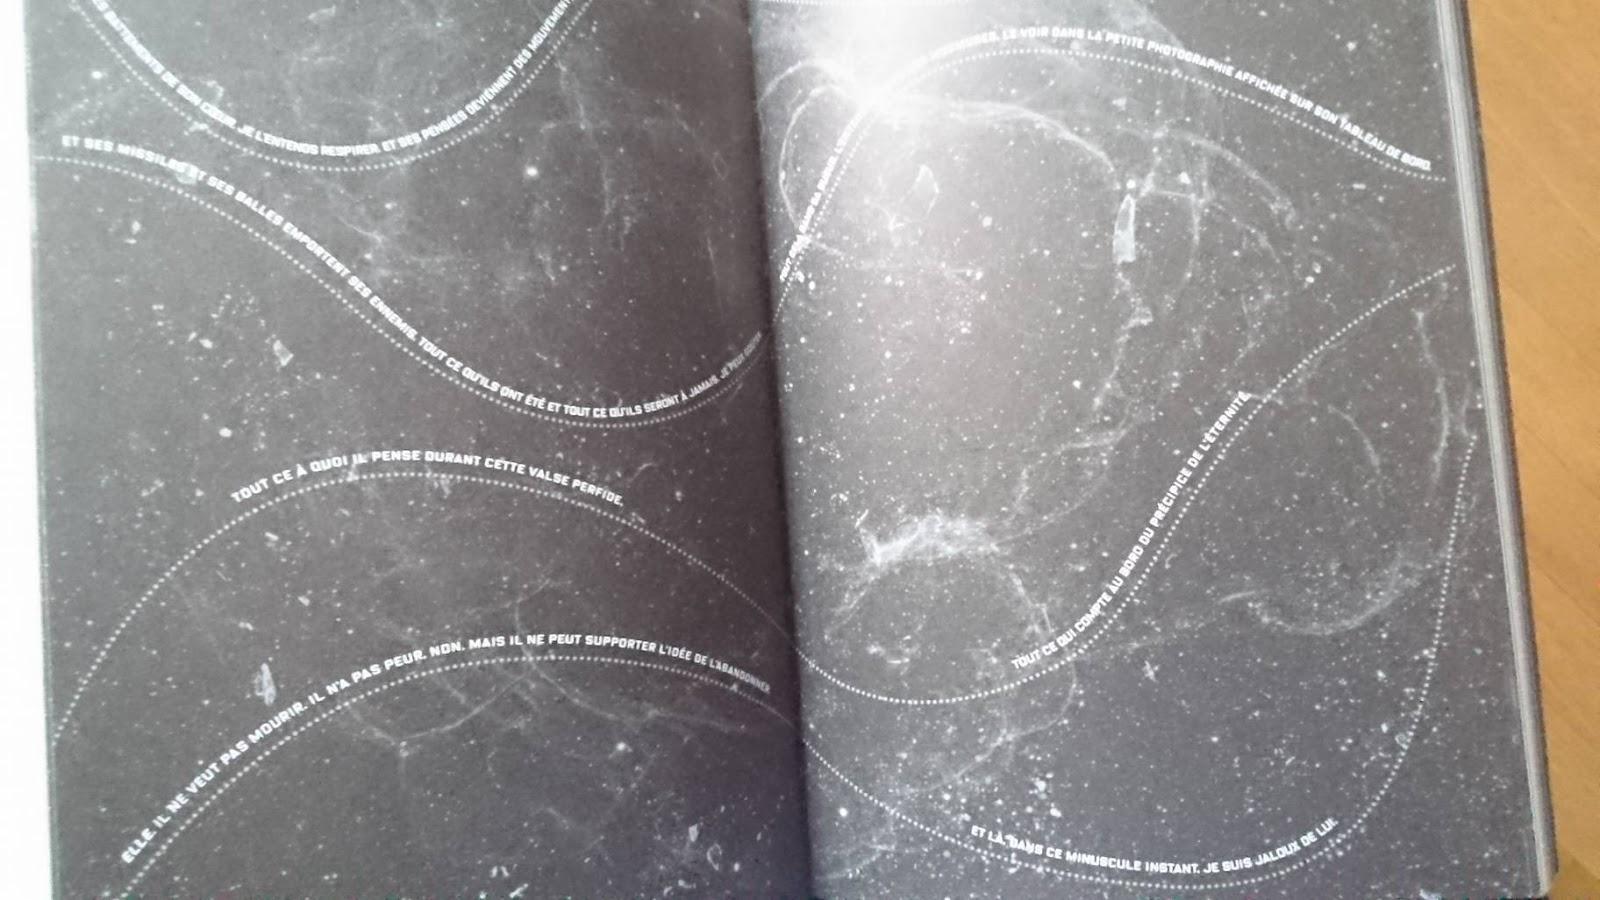 Une des pages d'illuminae